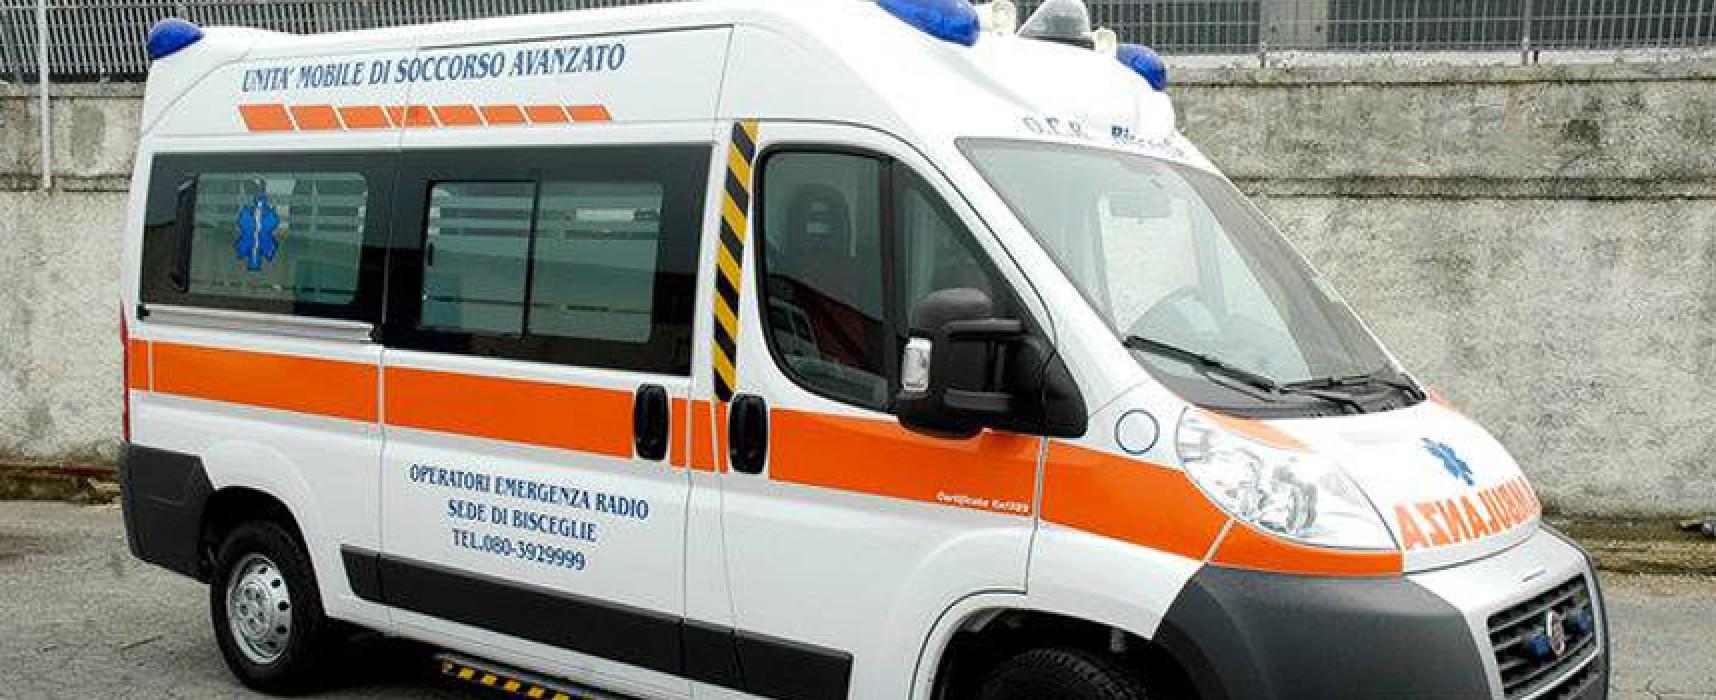 Scontro auto-moto, 40enne al pronto soccorso